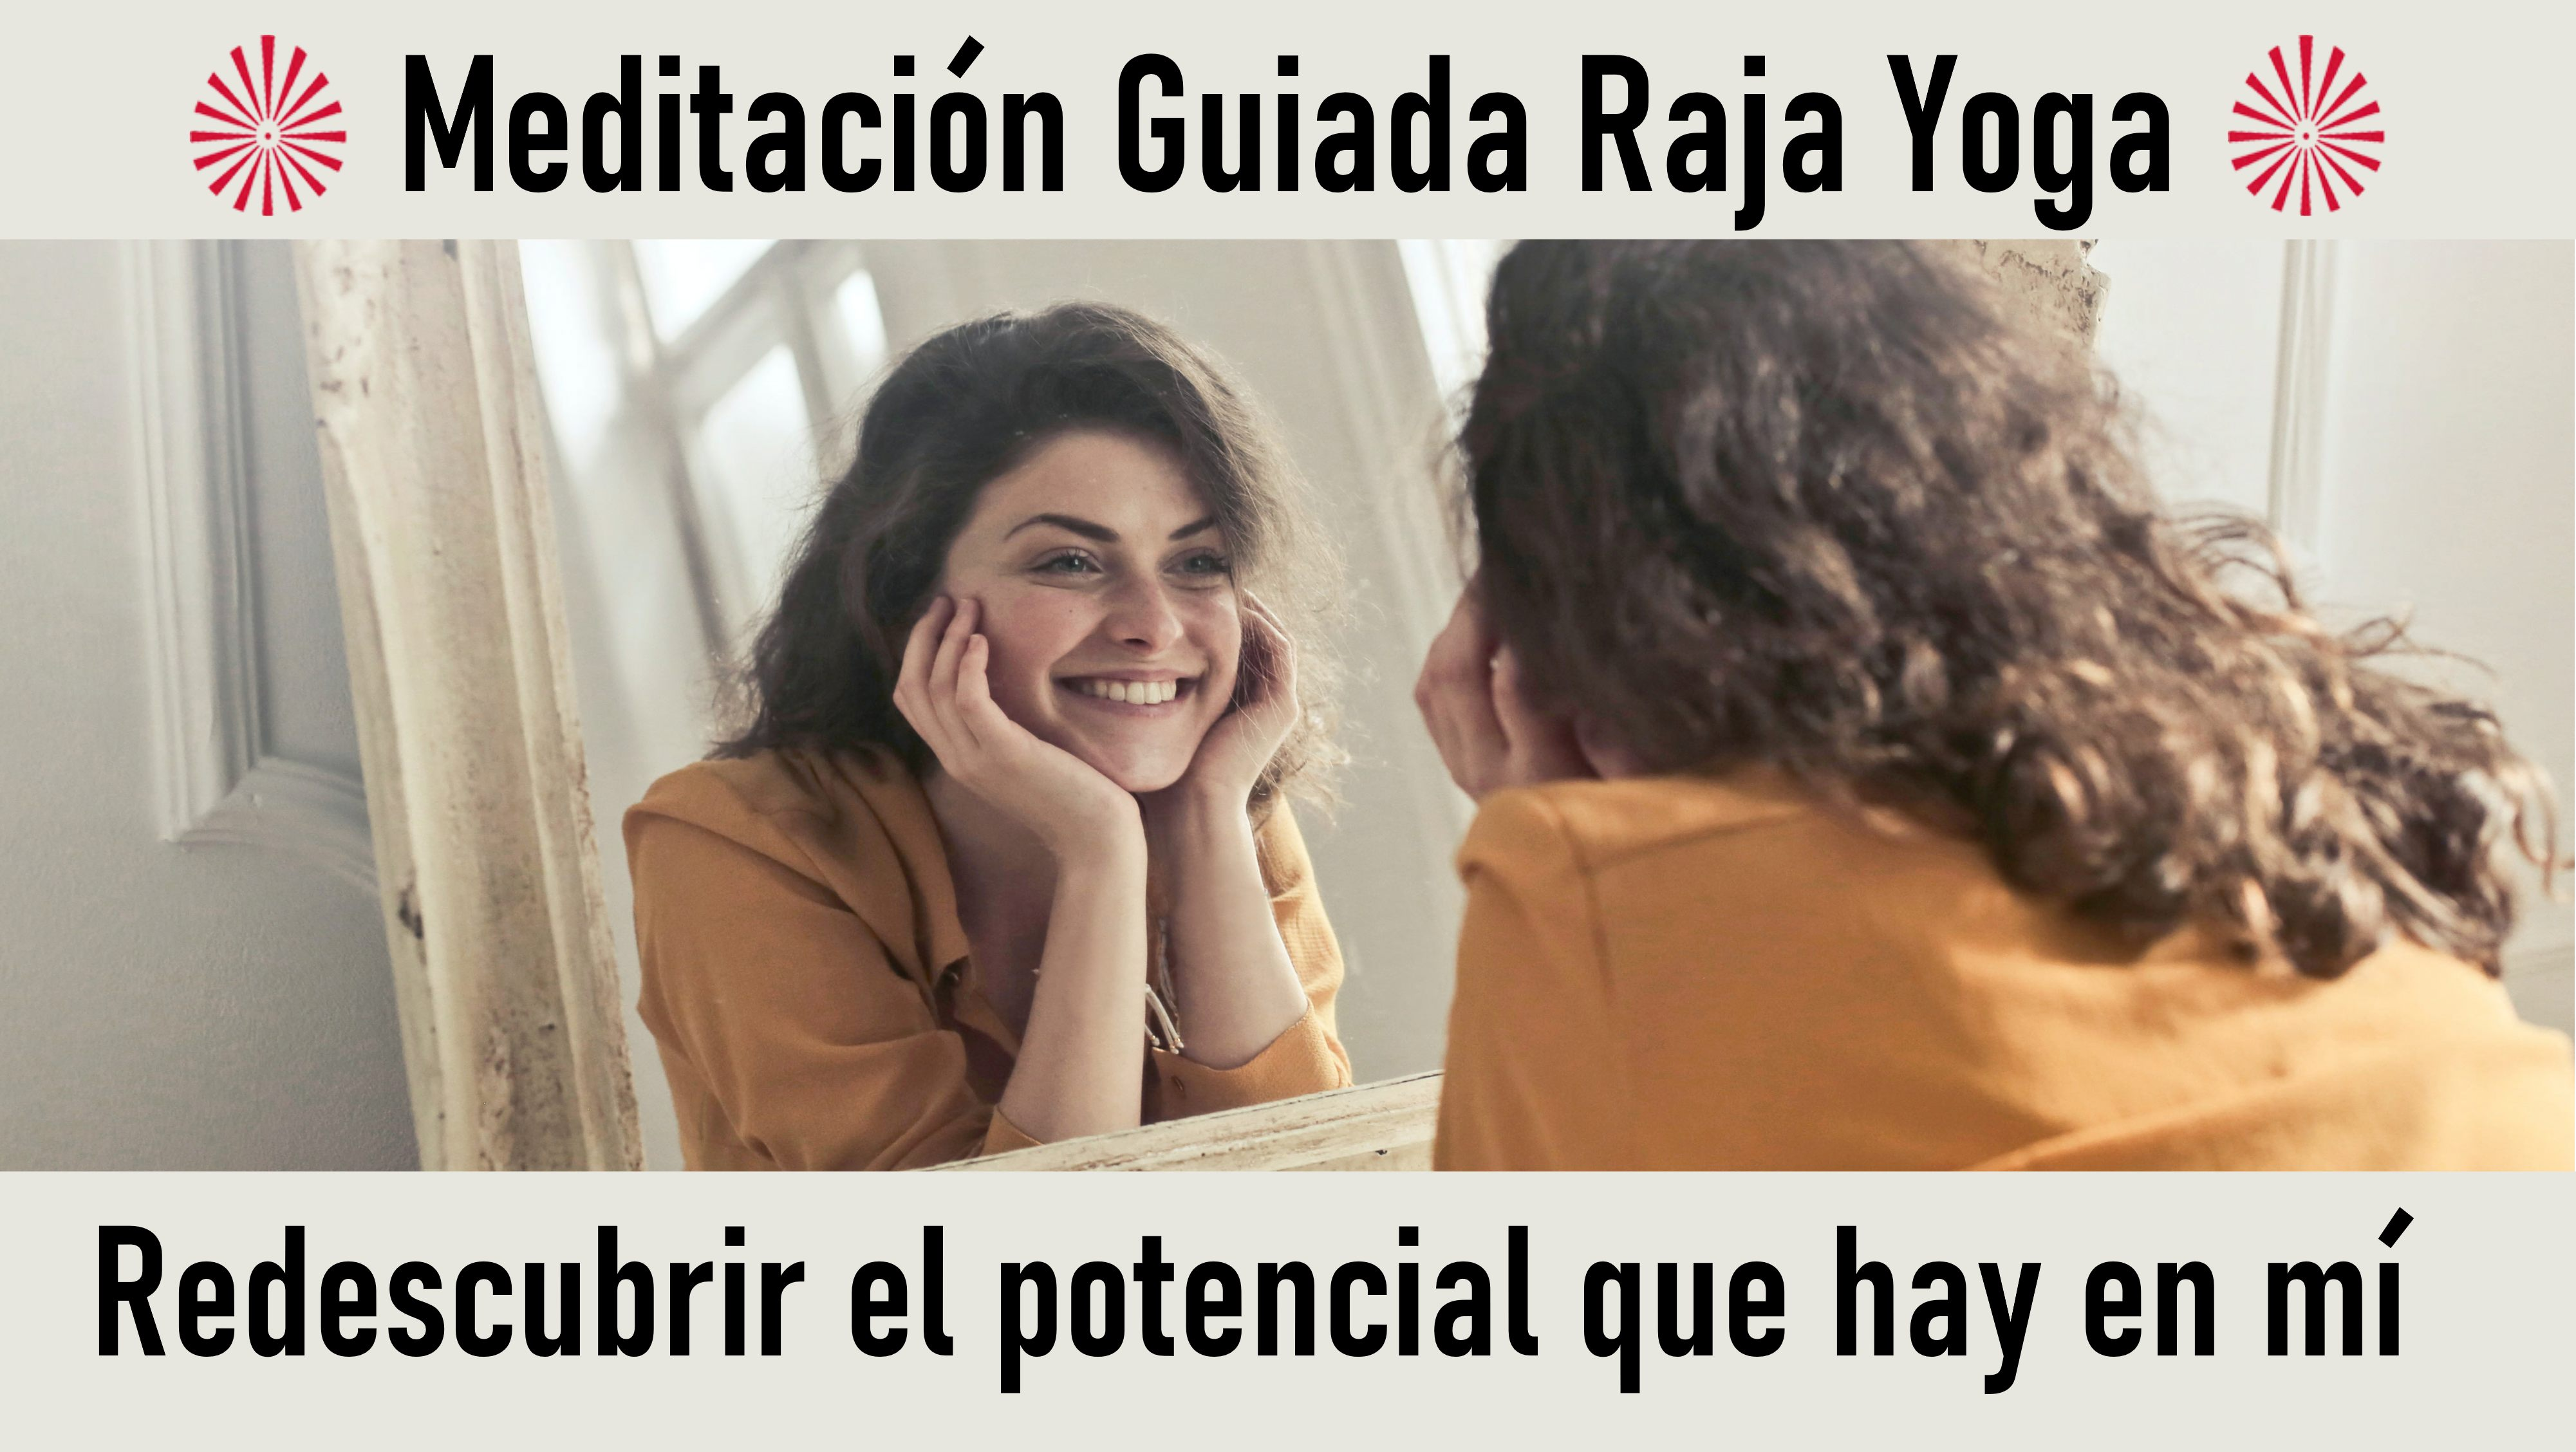 1 Octubre 2020 Meditación guiada: Redescubrir el potencial que hay en mí